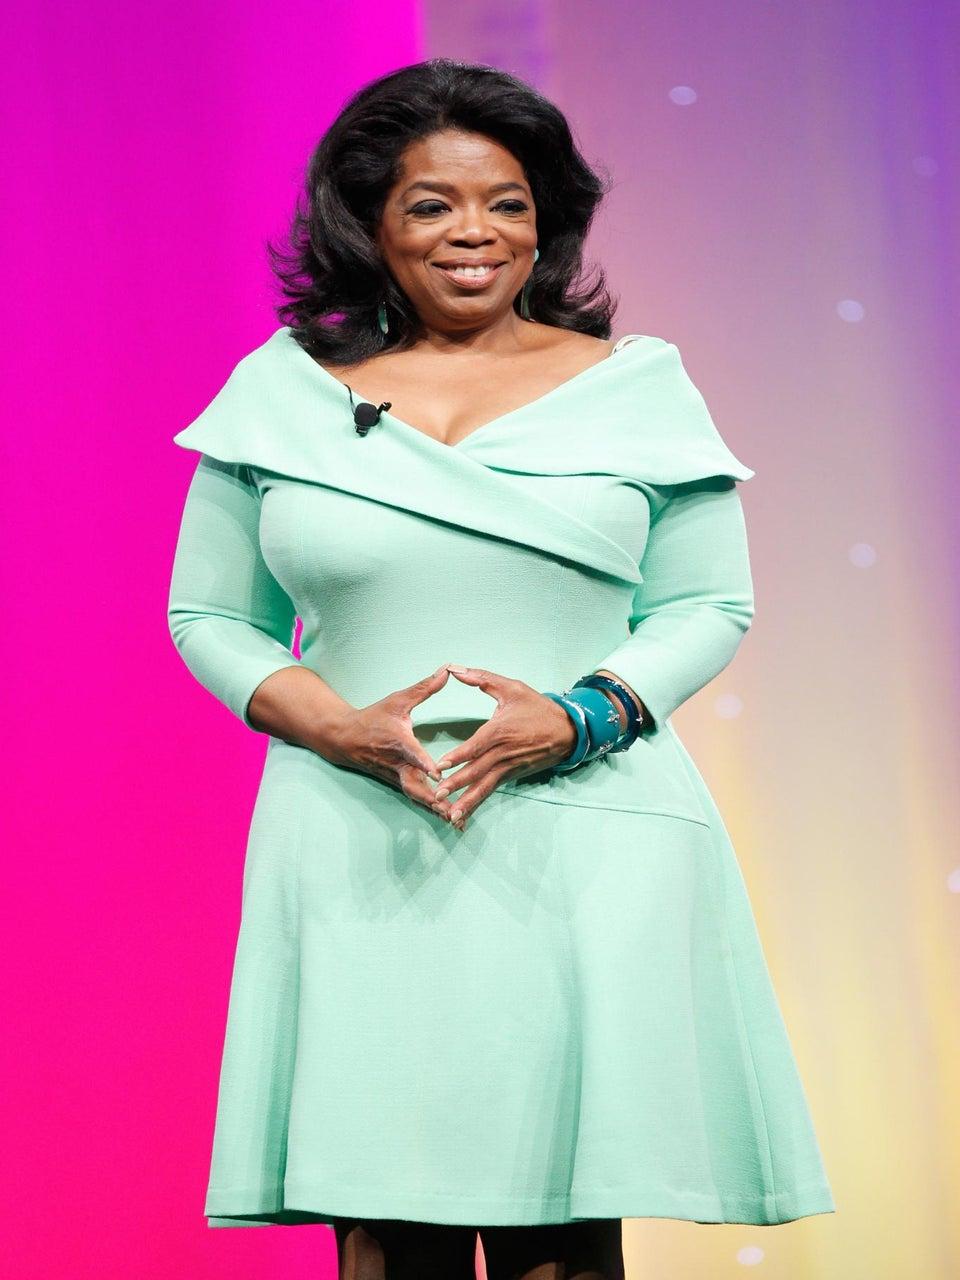 ESSENCE Black Women in Hollywood to Honor Oprah Winfrey, Gabrielle Union, Alfre Woodard